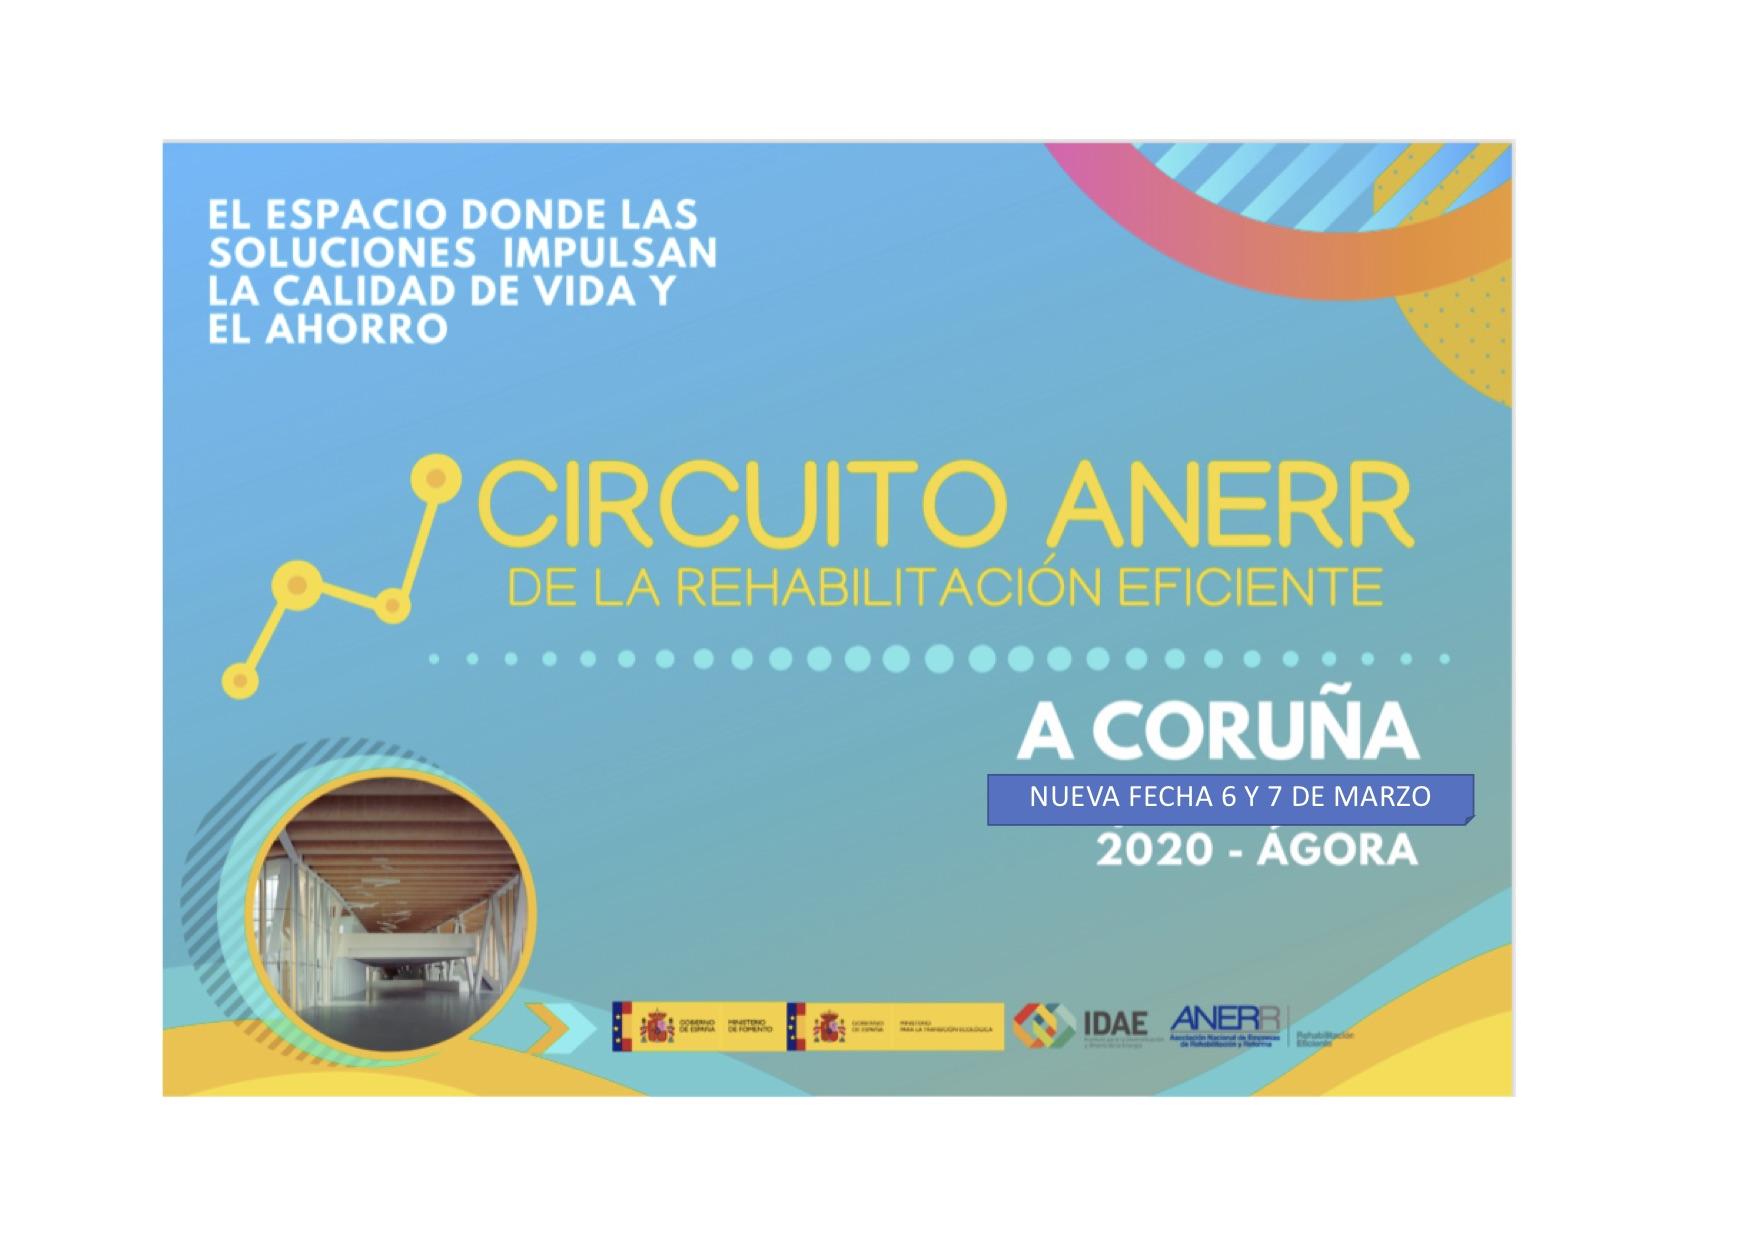 ANERR Circuito A Coruna